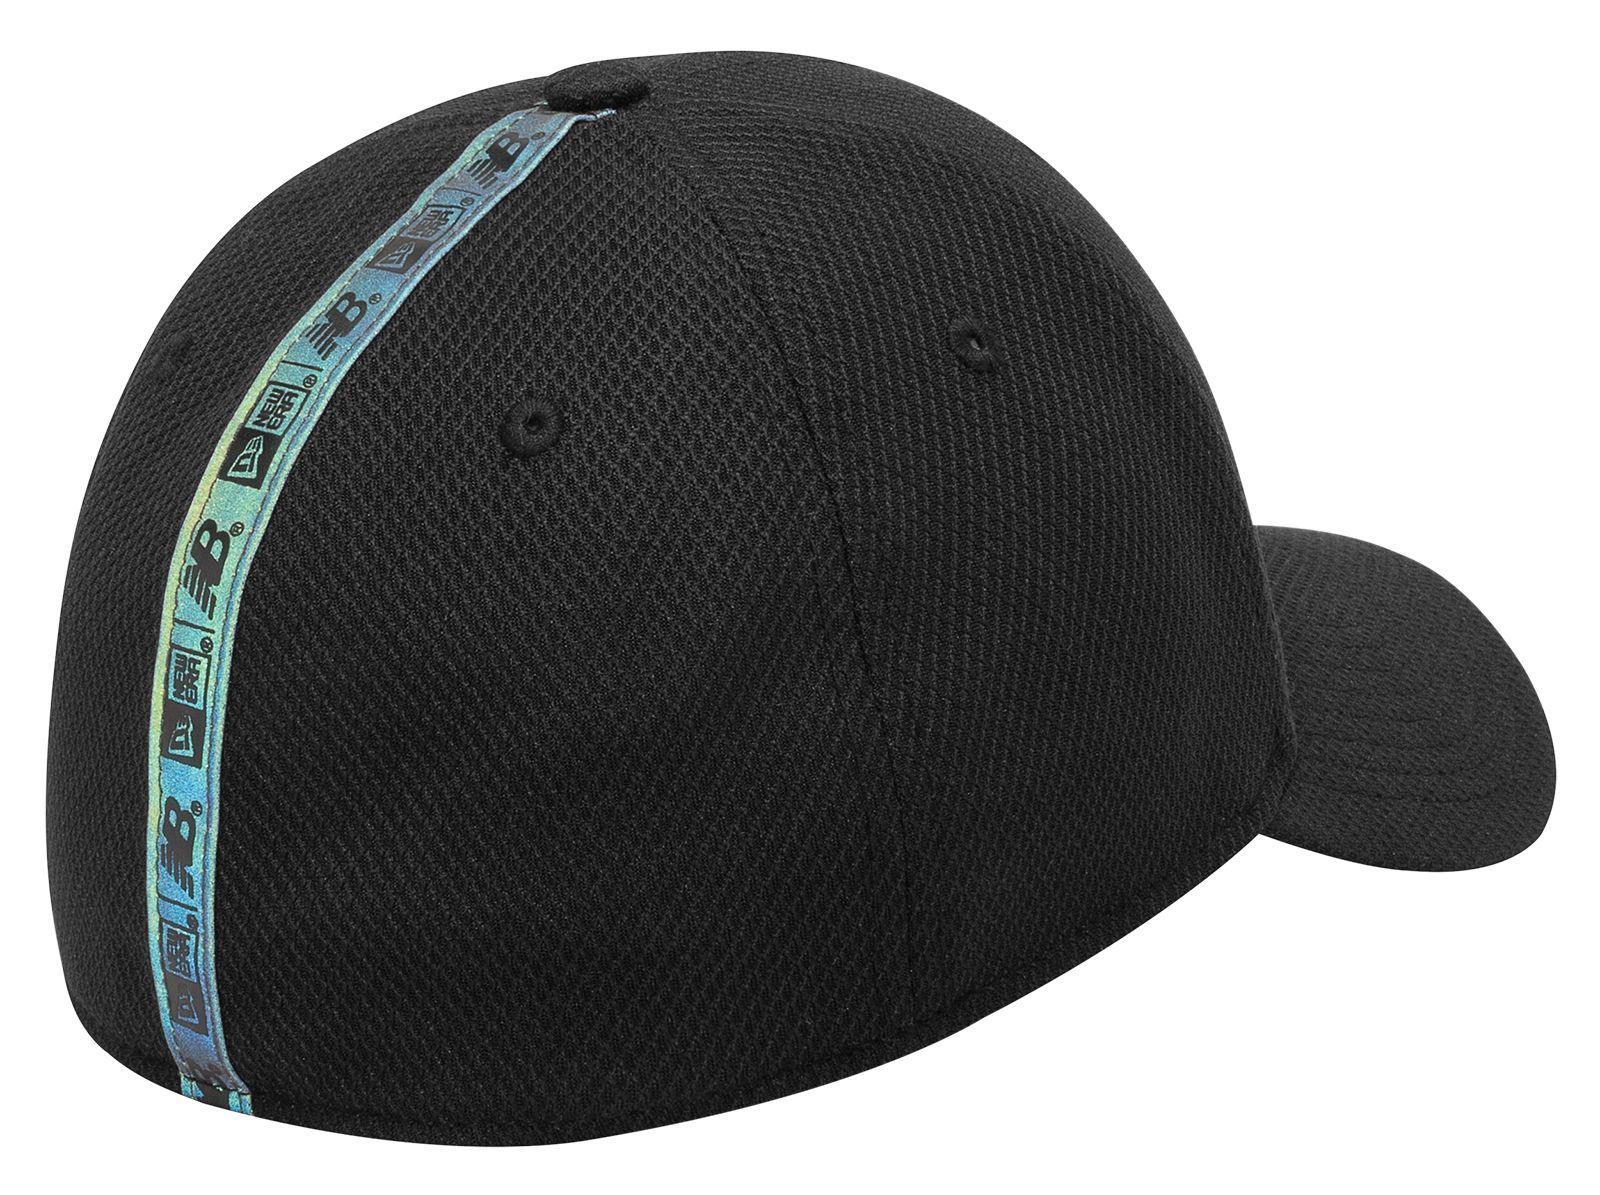 Lyst - New Balance New Era 39thirty Cap in Black for Men 1d8d22b51da8